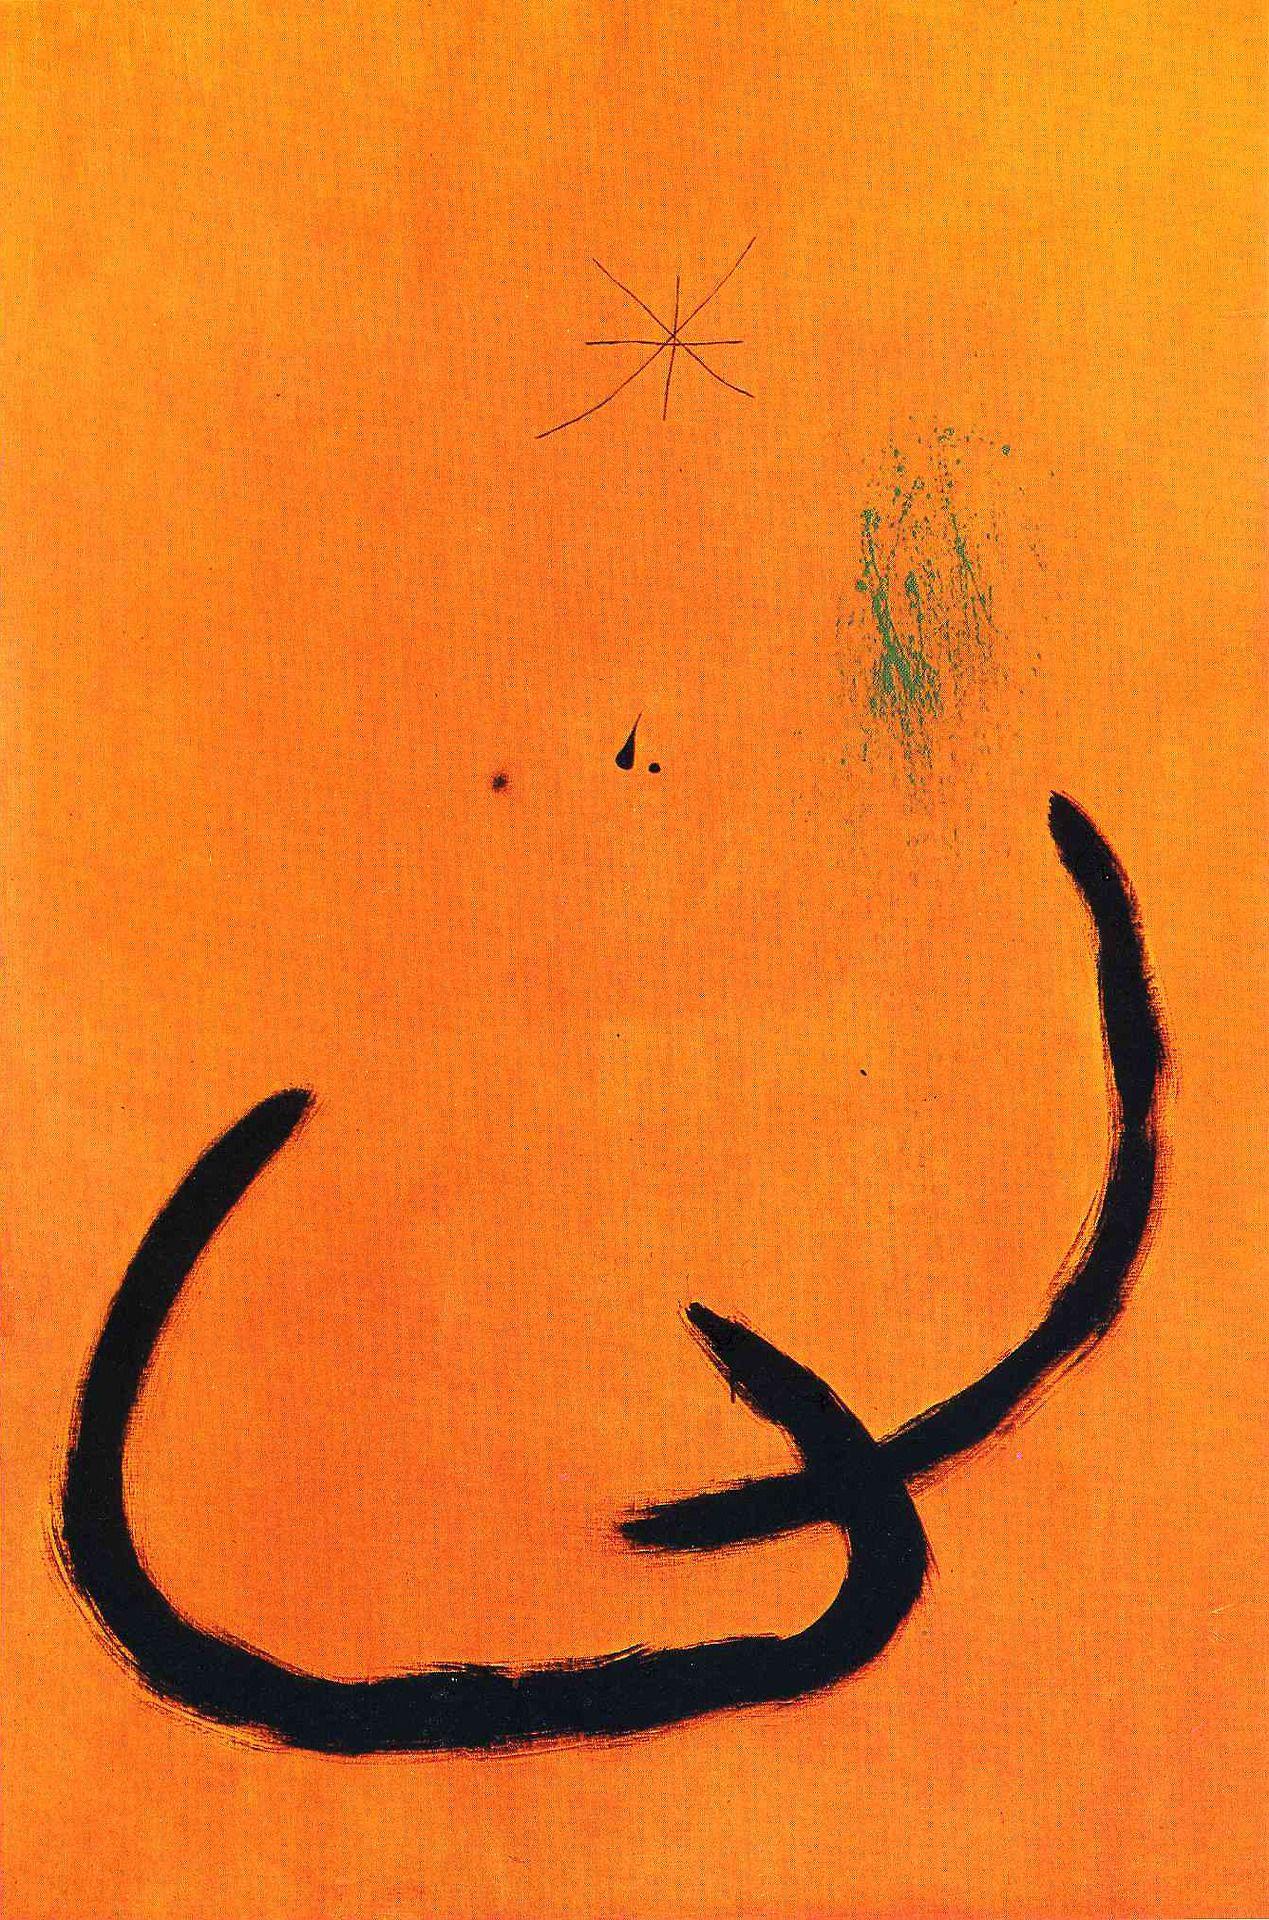 """Joan Miró """"Drop of water on the pink snow""""/ """"Goutte d''eau sur la neige rose"""" 1968 oil on canvas"""